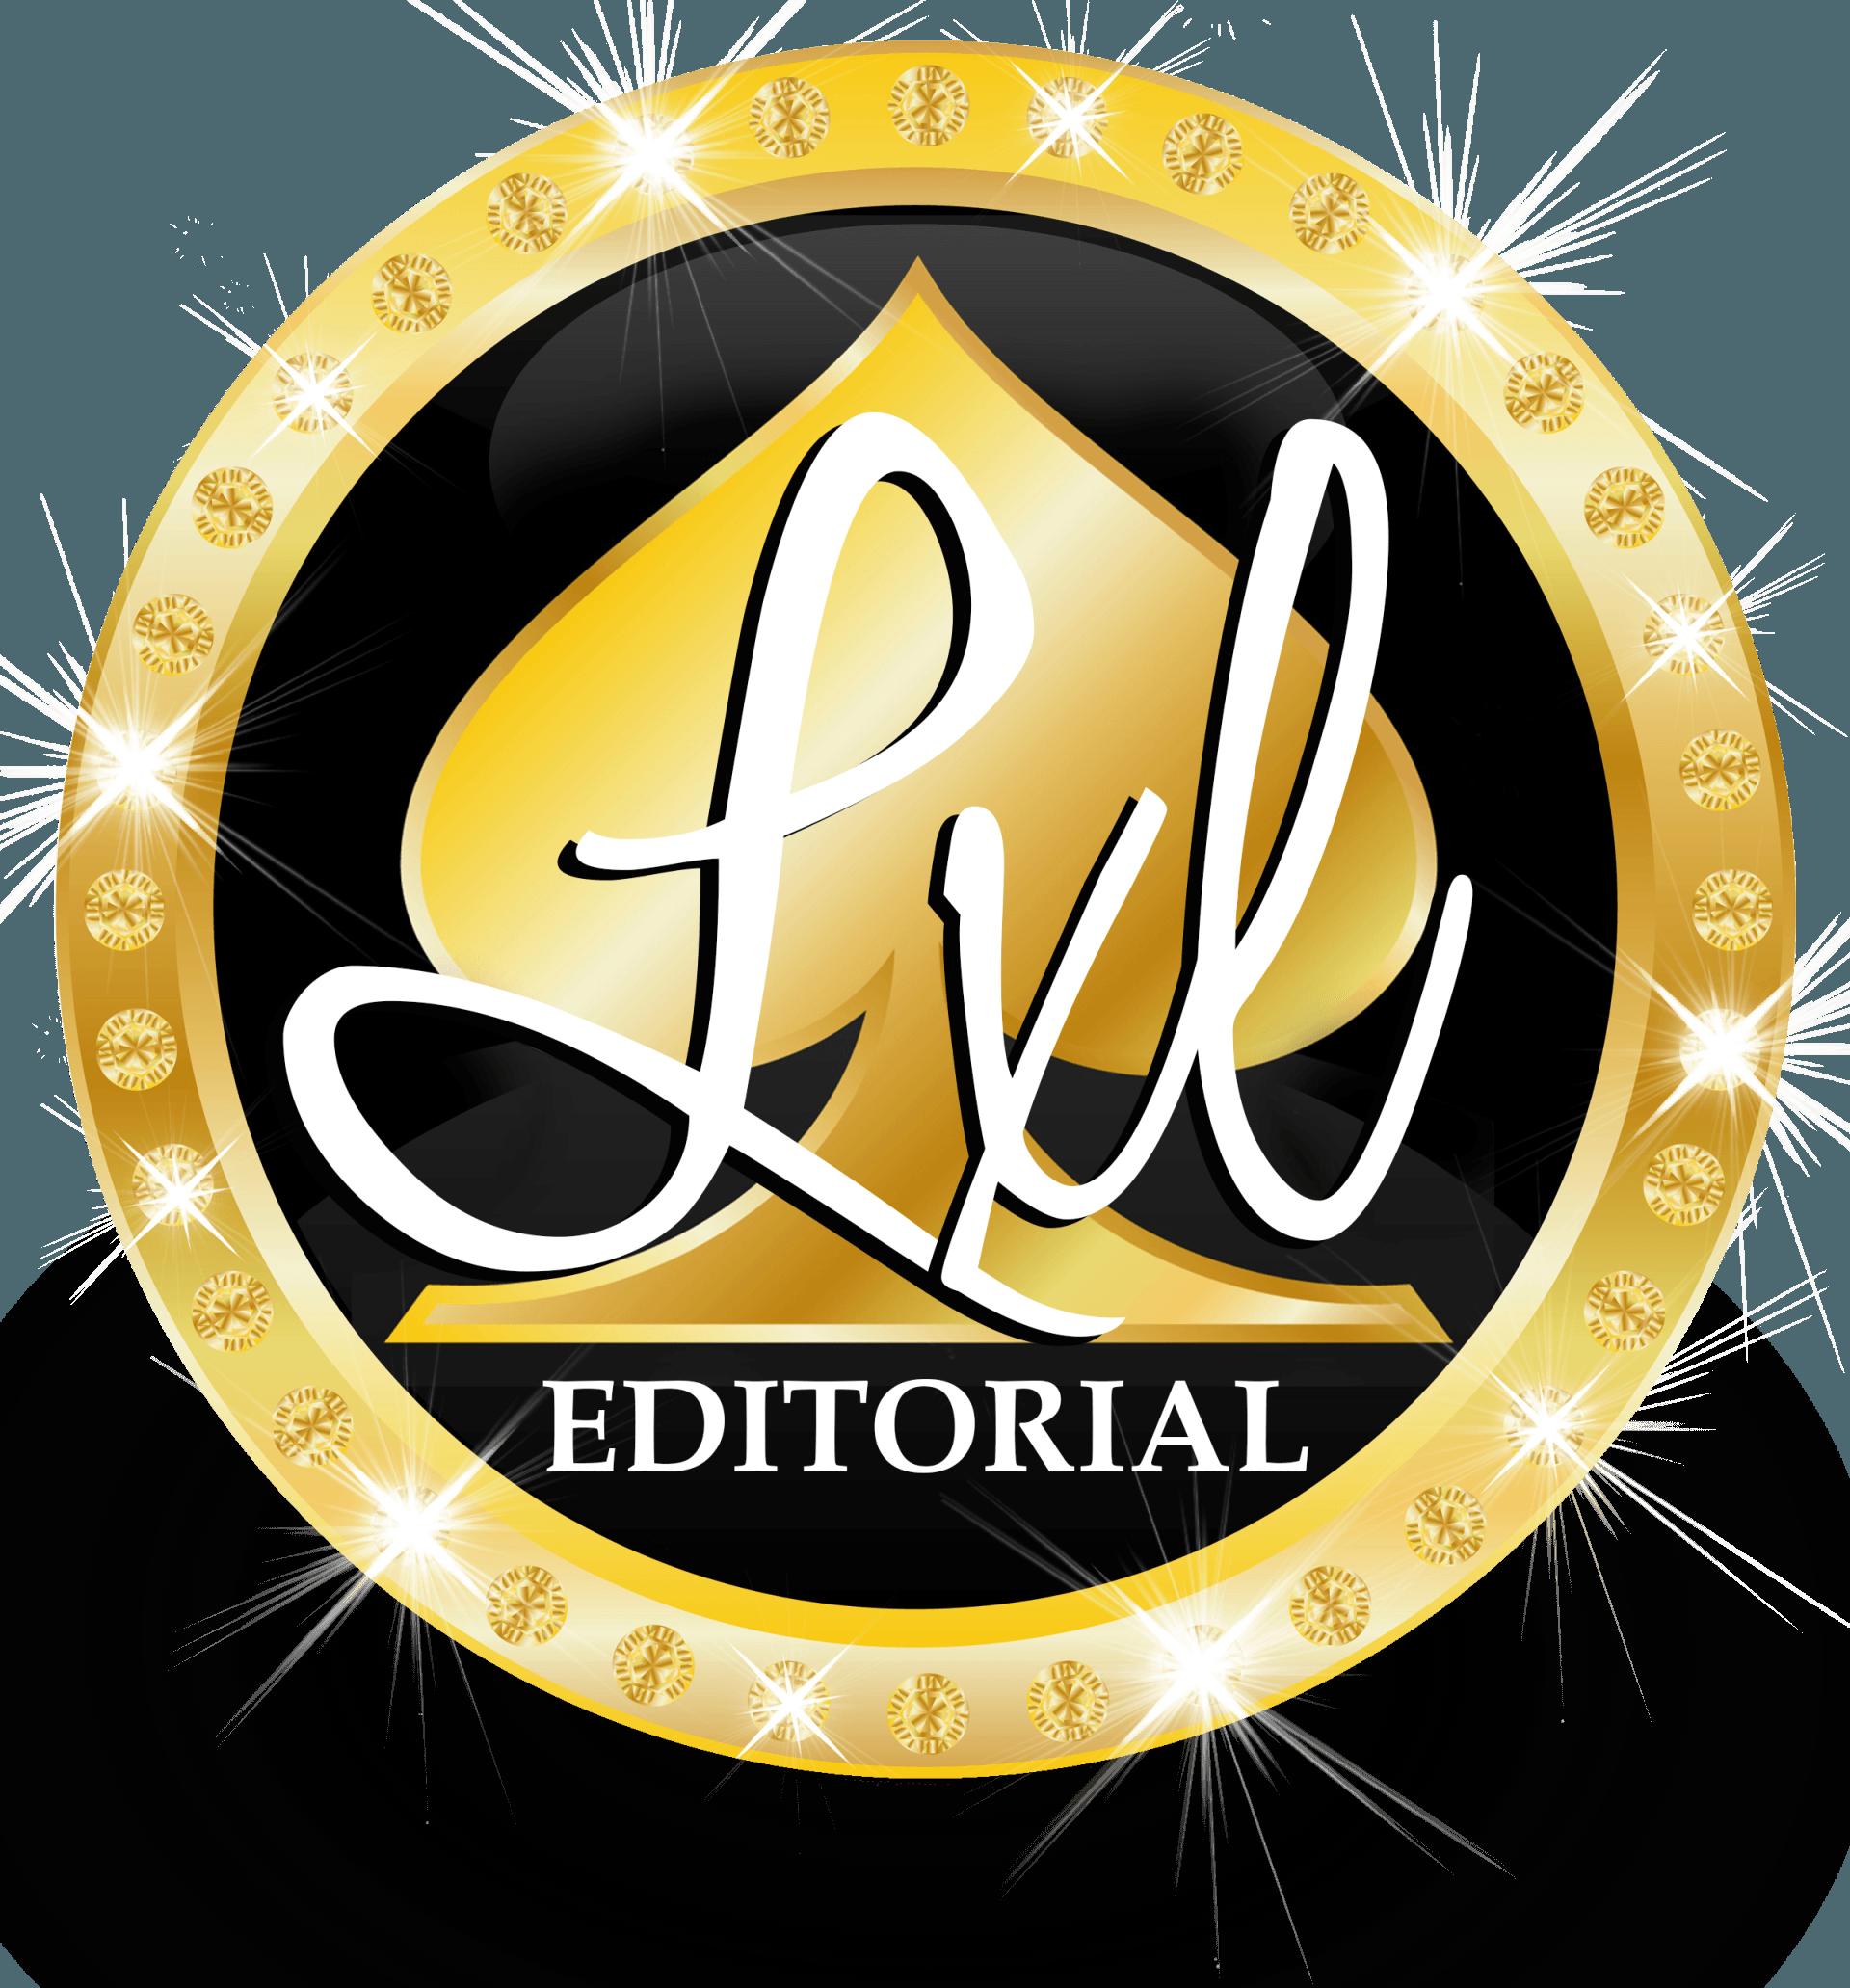 Editorial LXL - Cine de Escritor